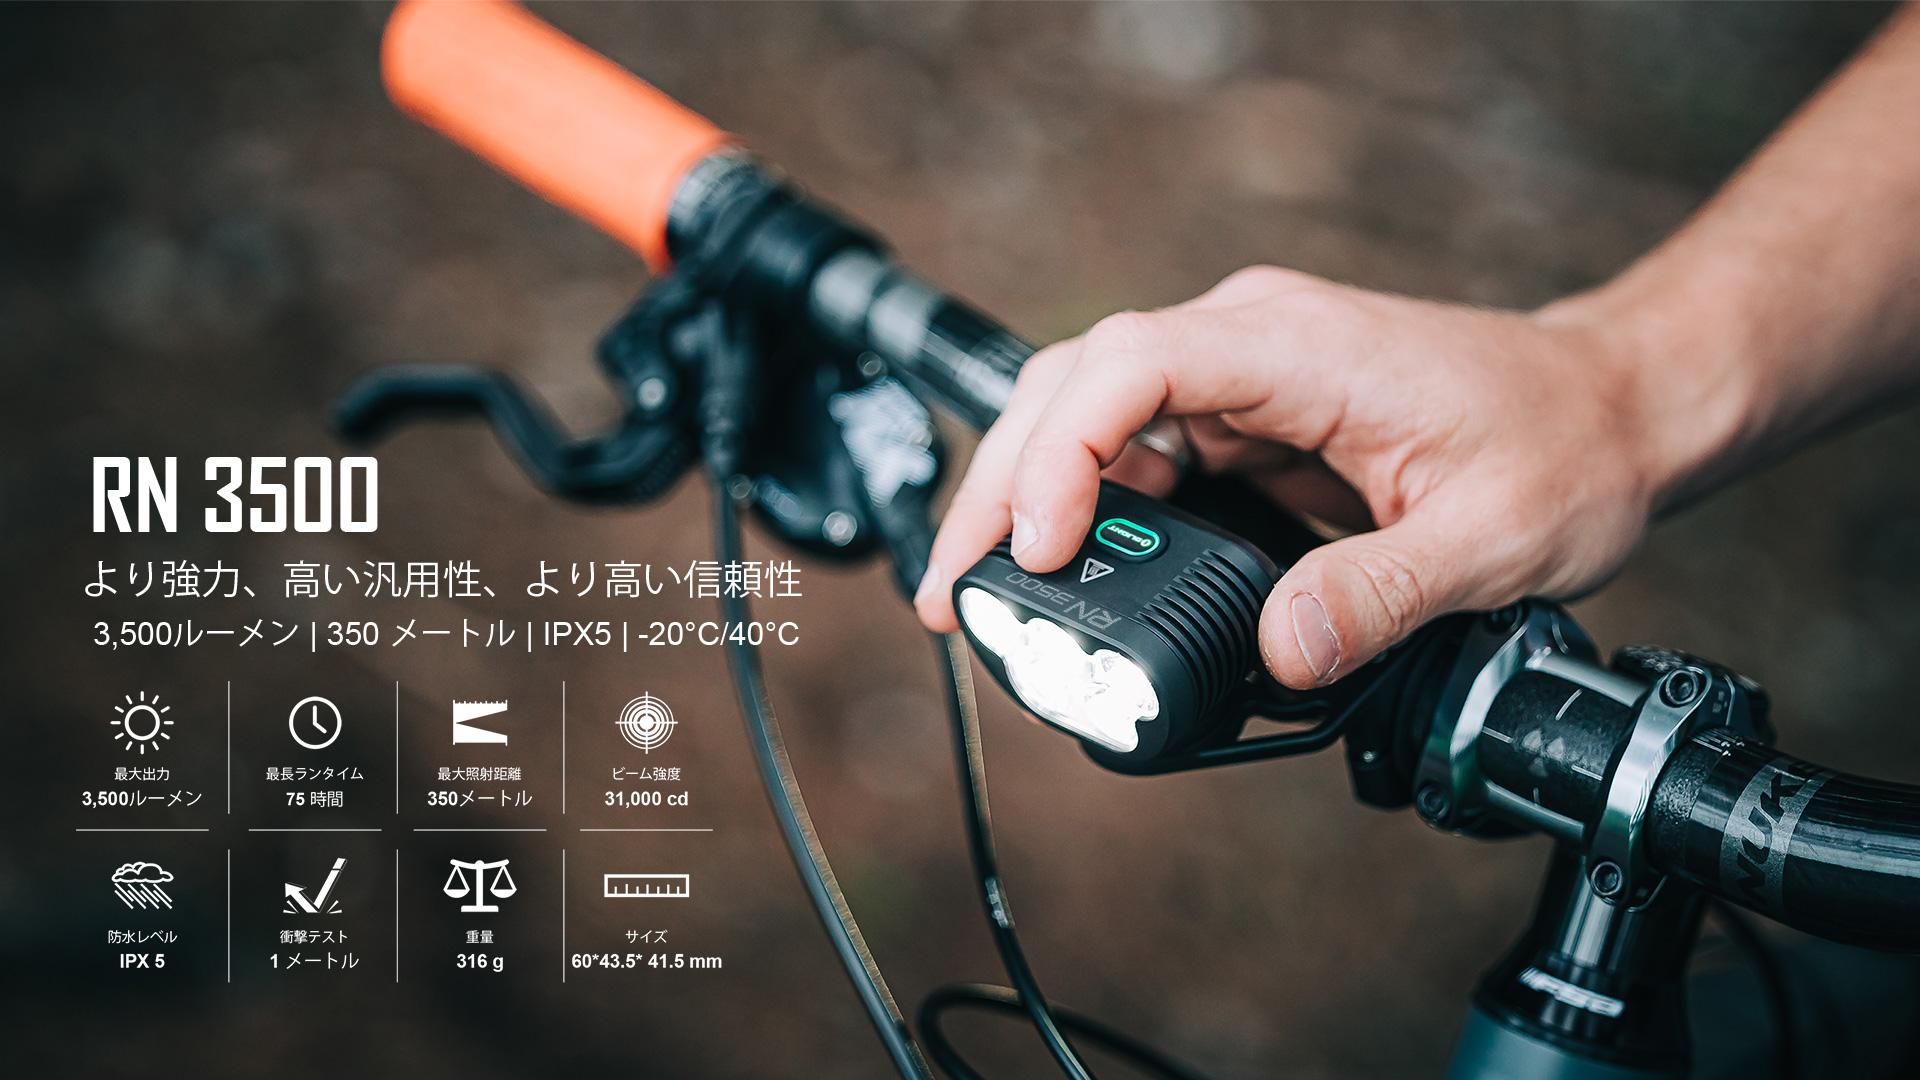 RN3500は、最大出力3500ルーメンの高輝度マウンテンバイクライトで、摂氏マイナス20度から摂氏40度の間で動作します。